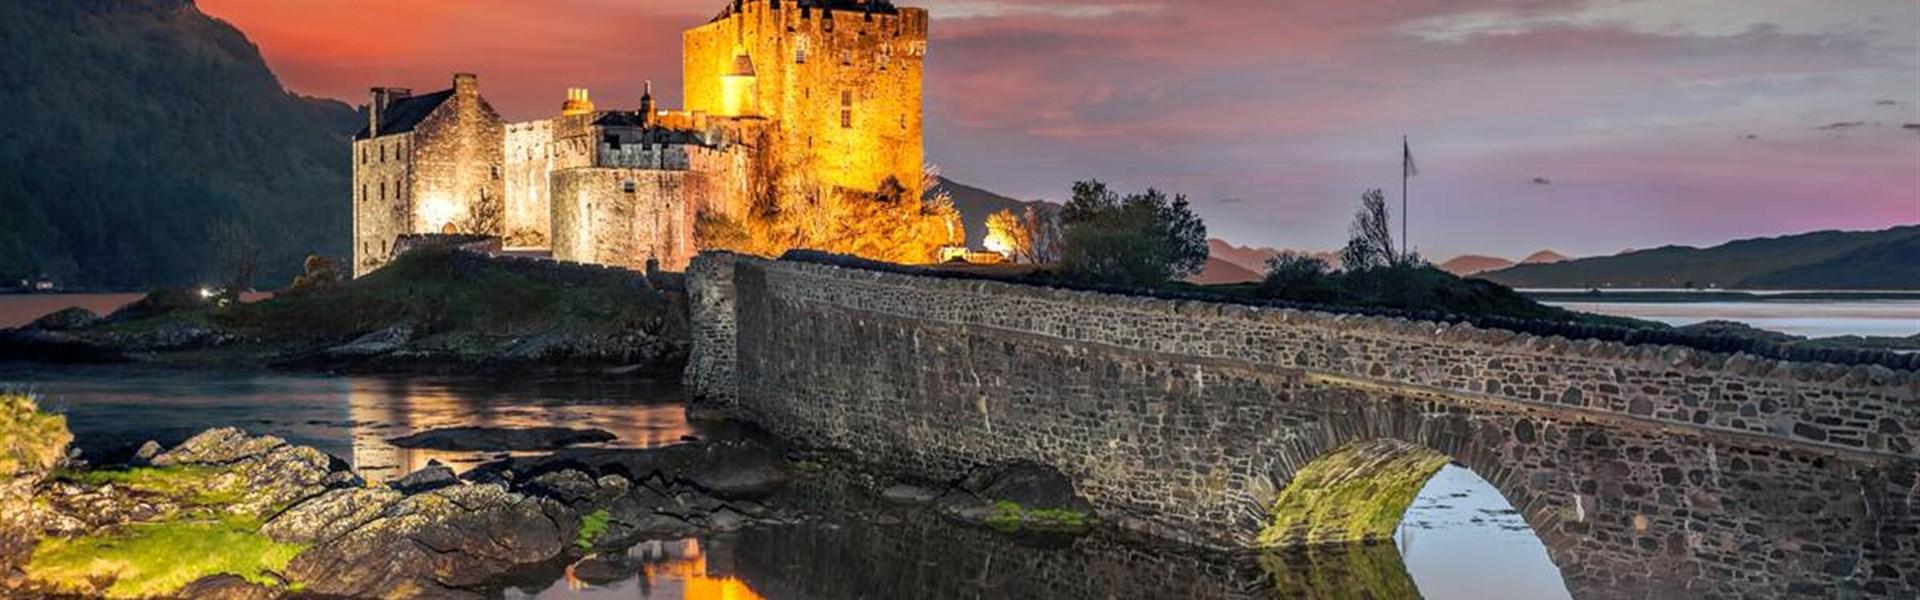 Královské Skotsko vč. ostrova Skye s českým průvodcem - Královské Skotsko vč. ostrova Skye s českým průvodcem